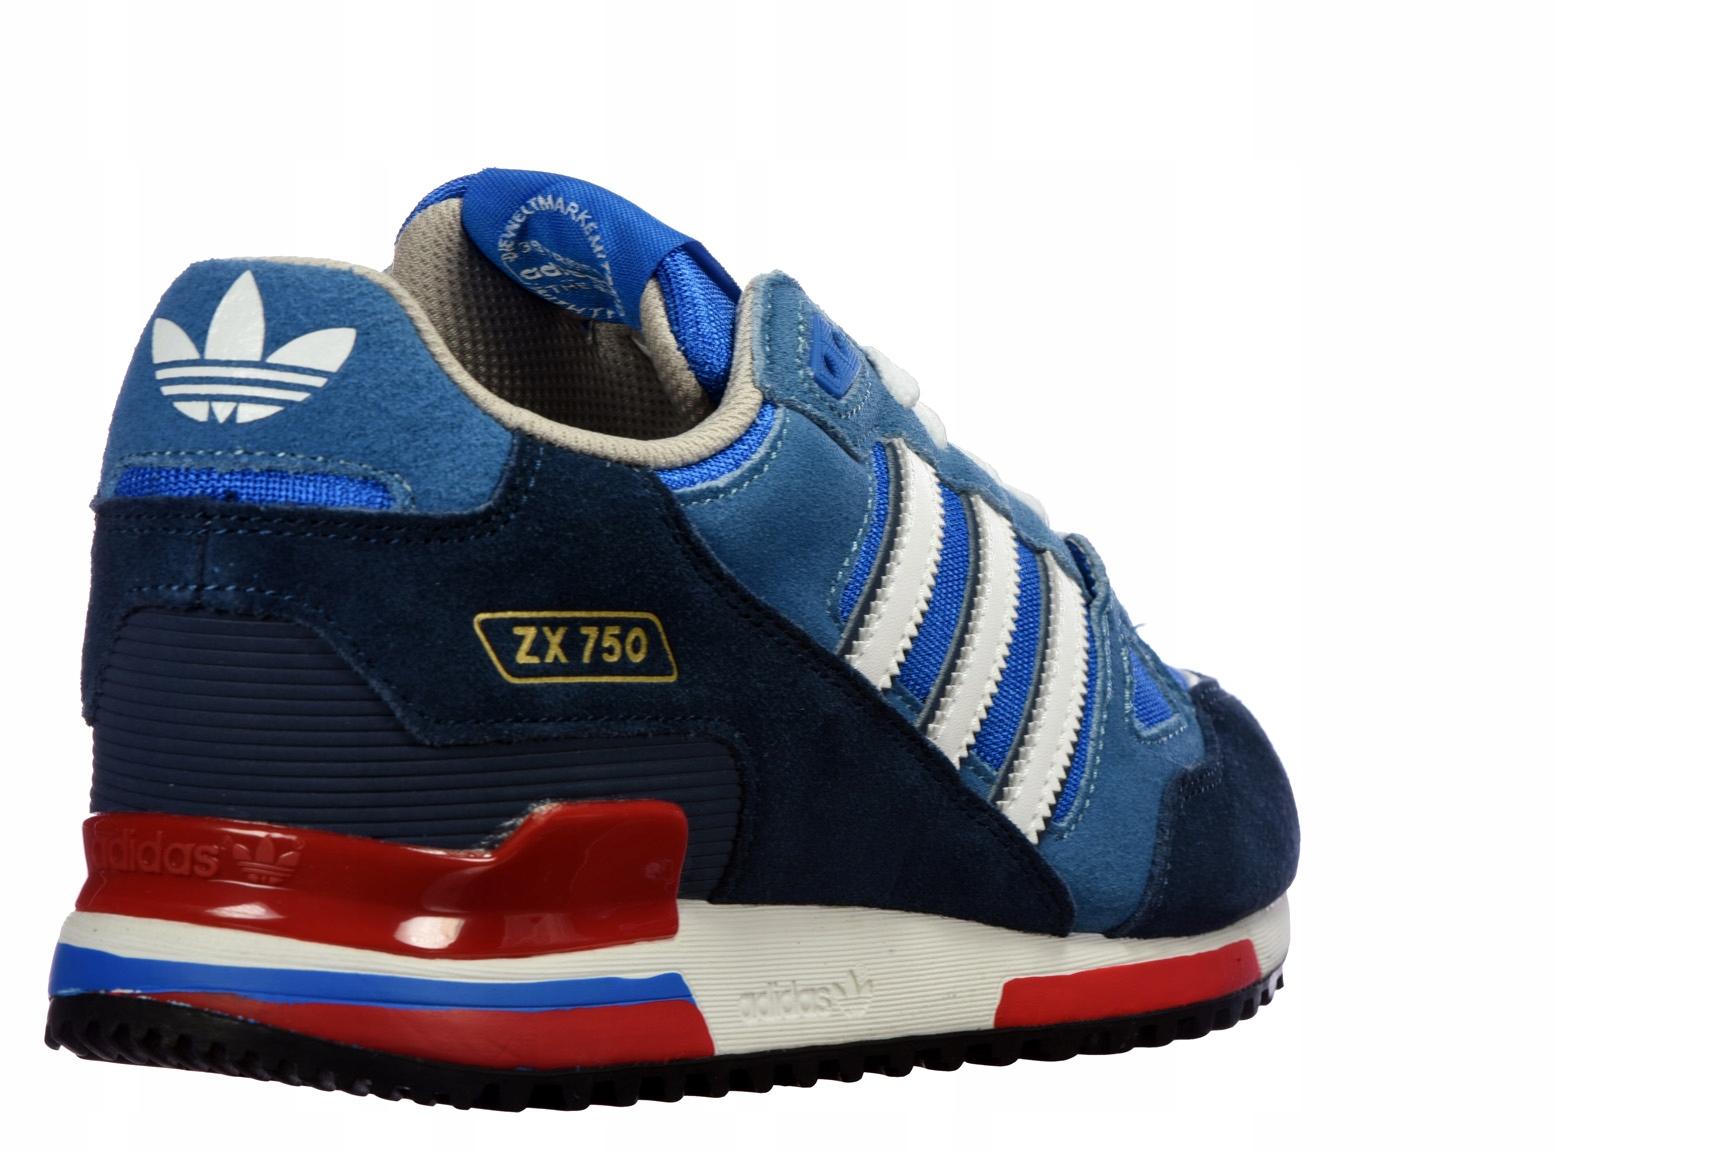 Buty męskie adidas Originals ZX750 G96718 r 42